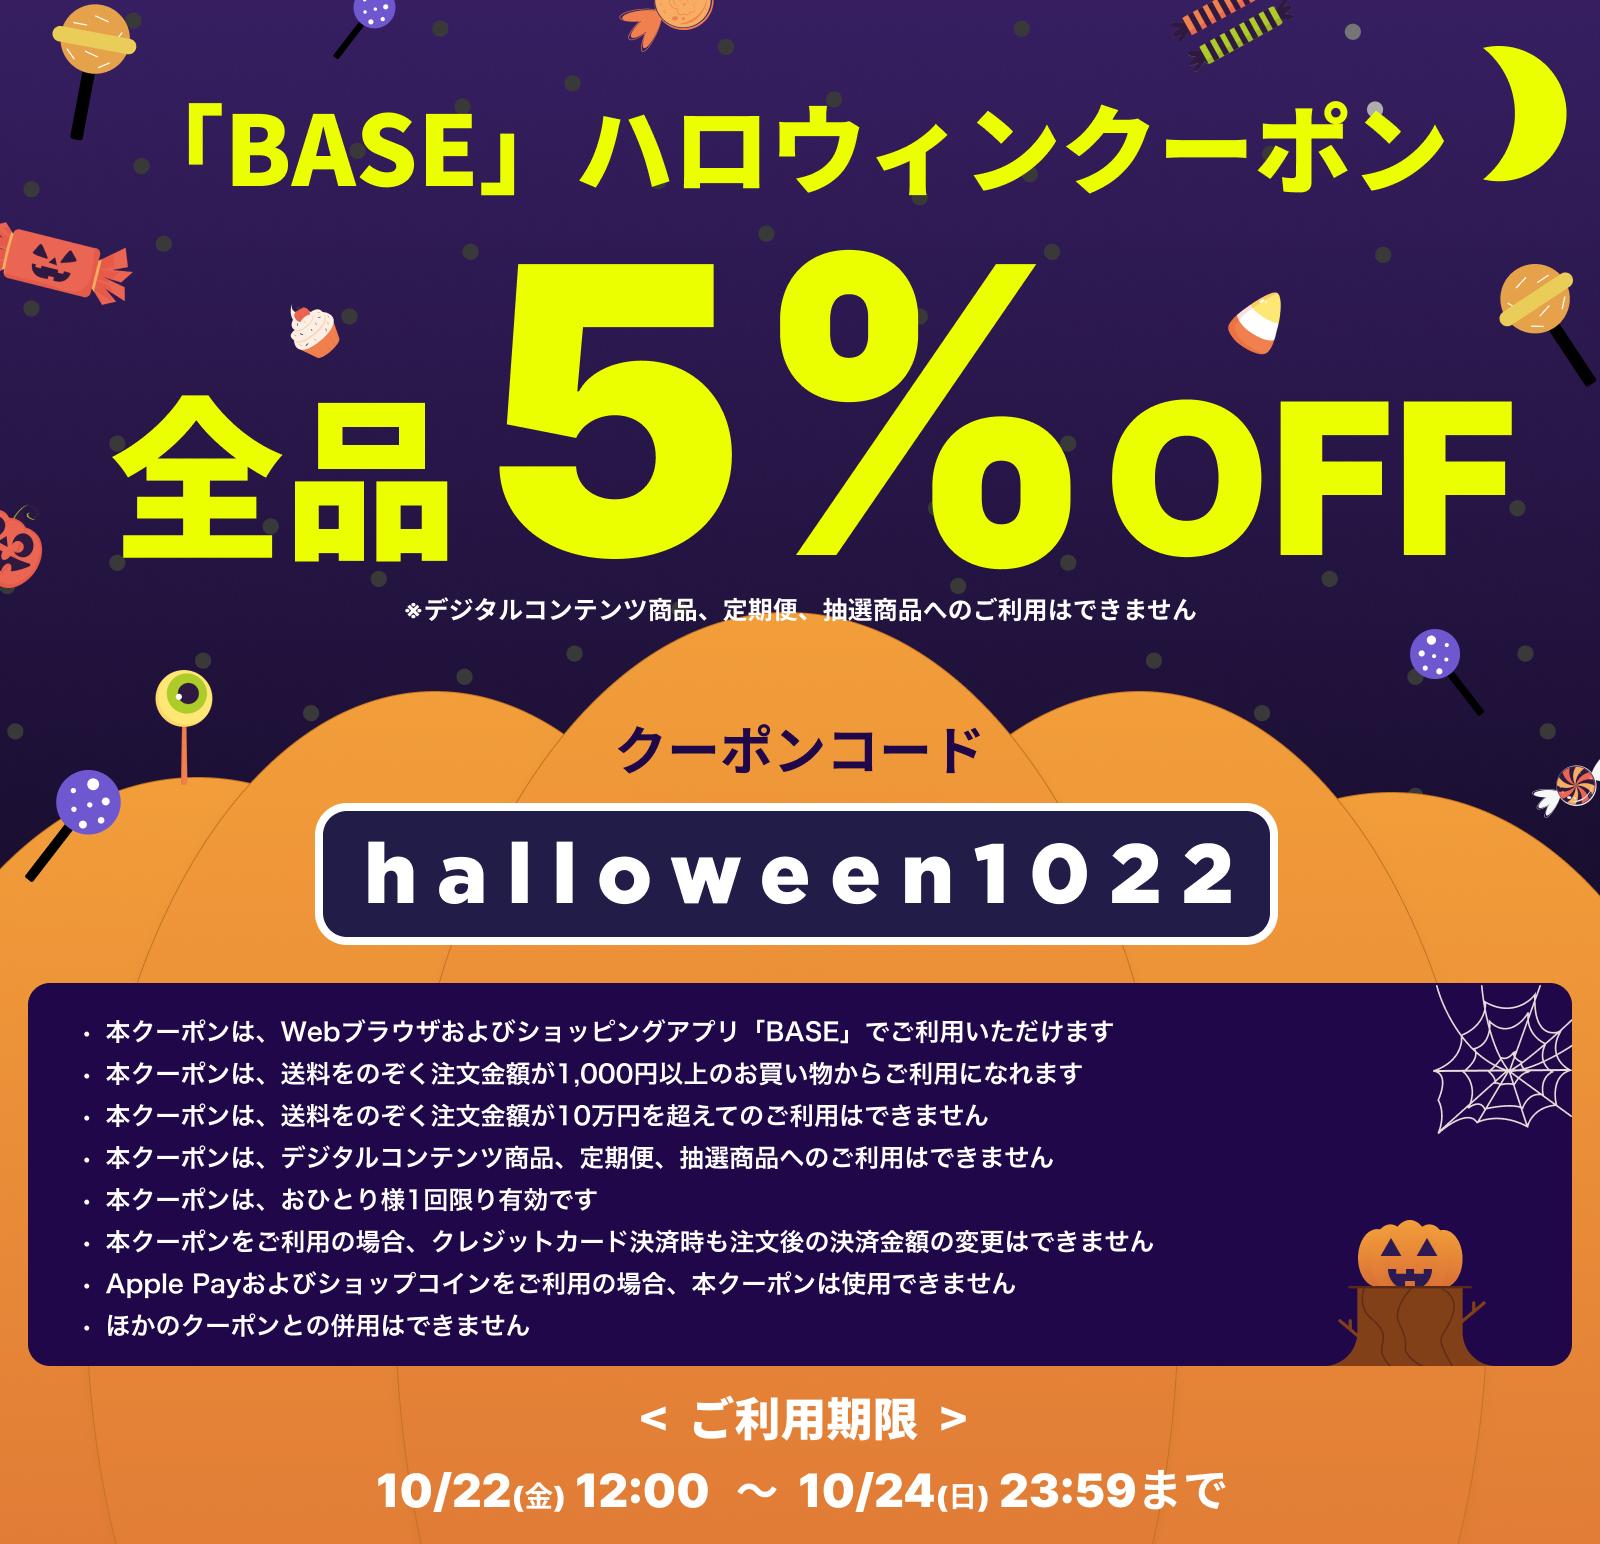 ハロウィンクーポン5%OFF! 10/22(金)12:00~10/24(日)23:59まで